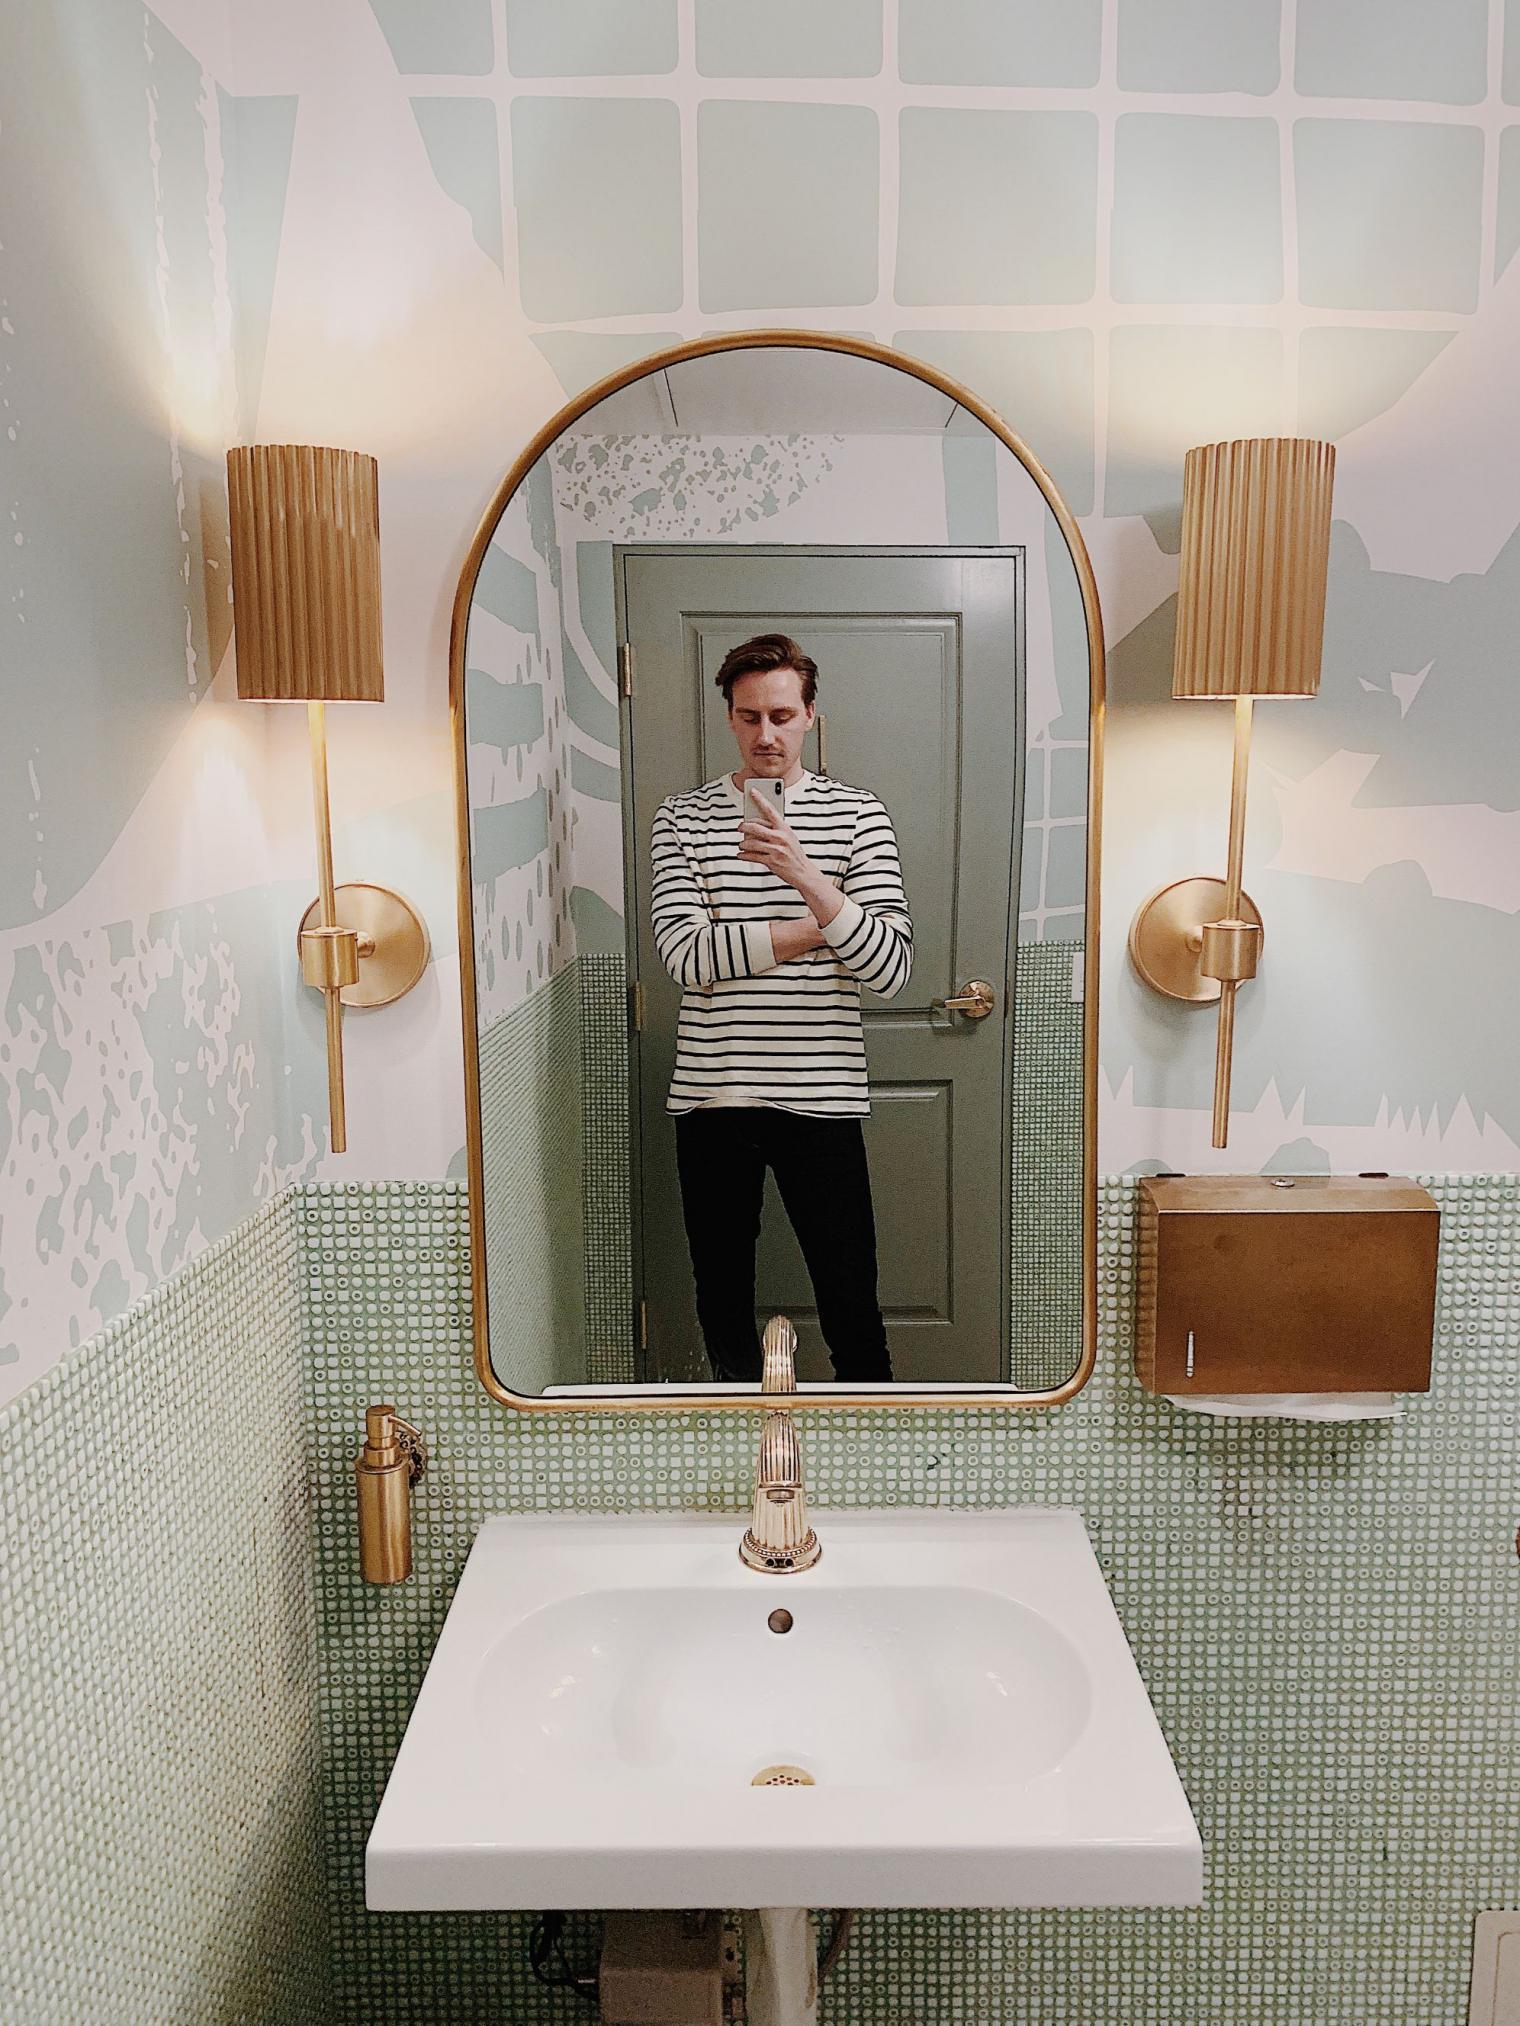 Bathroom Selfie: 10 Of Southern California's Best Bathrooms For Selfies